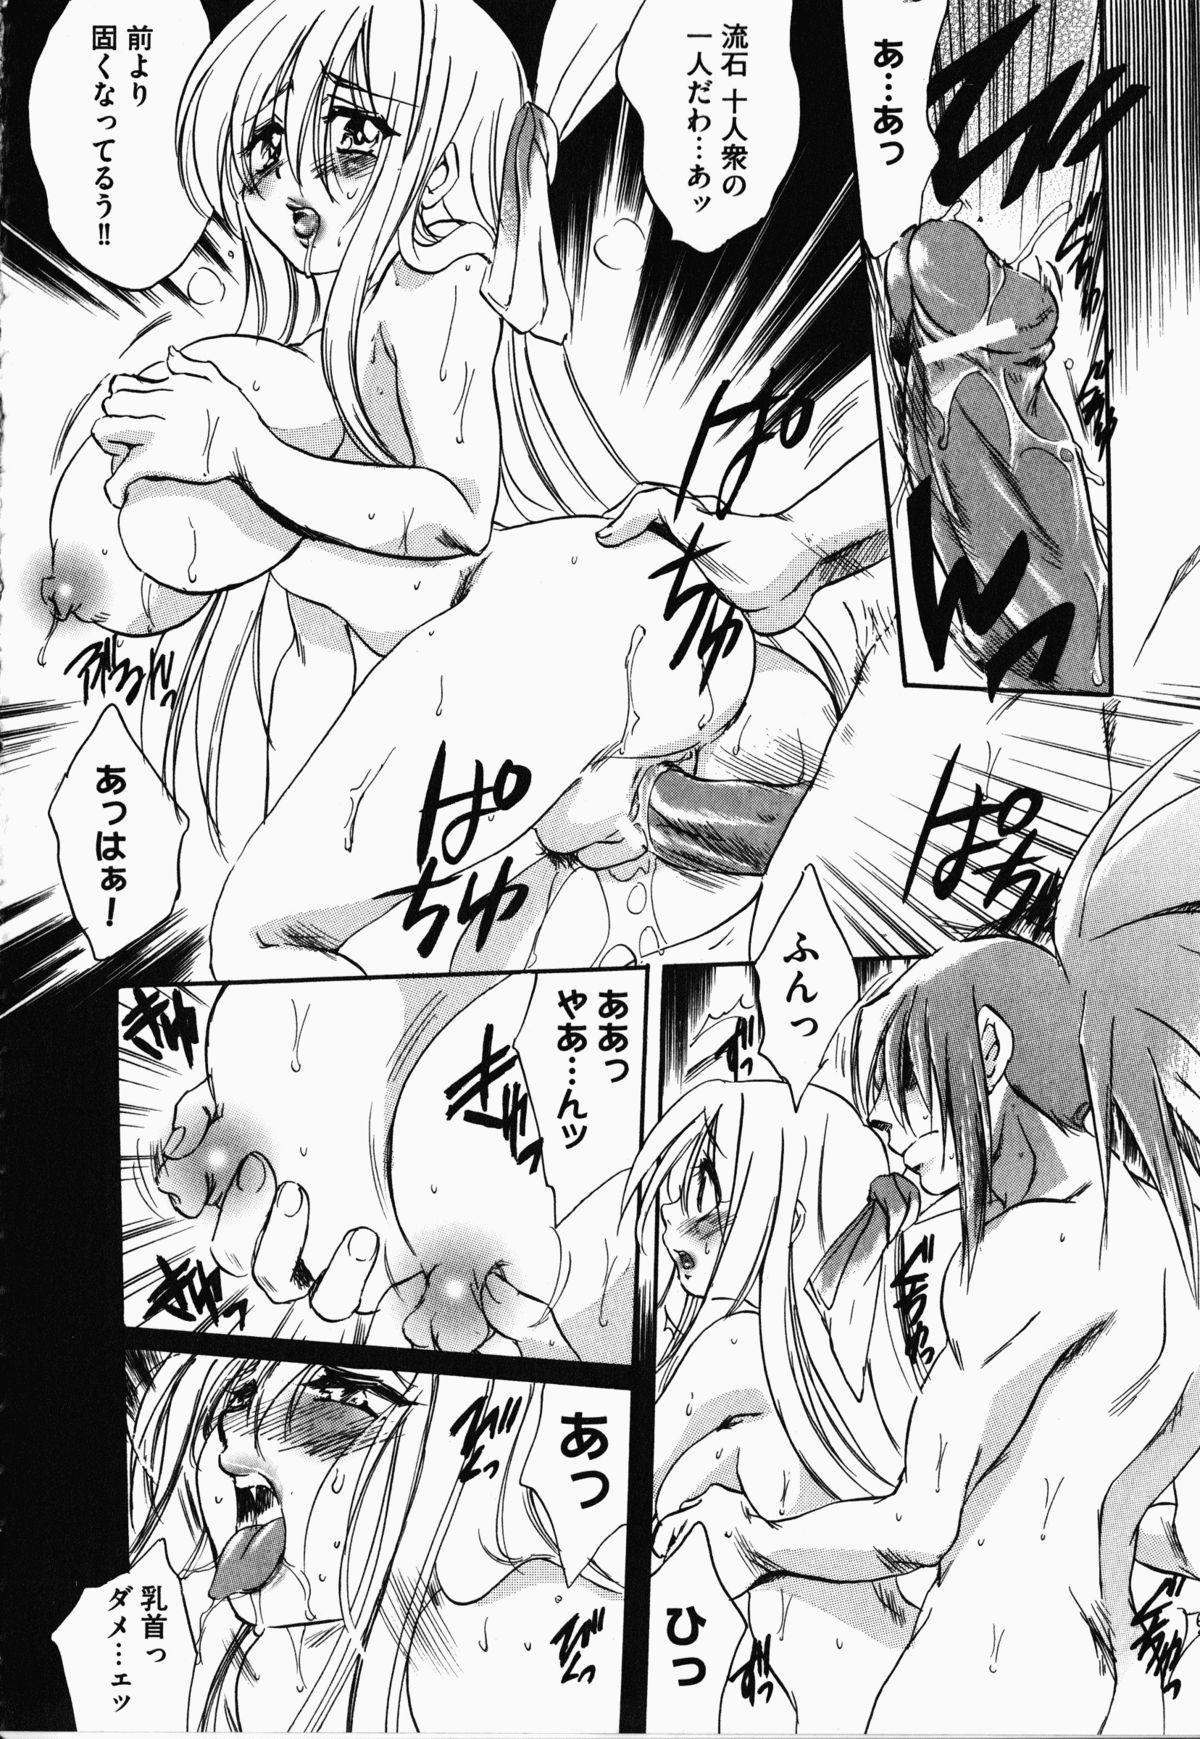 Nukenin - Hokaku, Soshite Choukyou e... 134